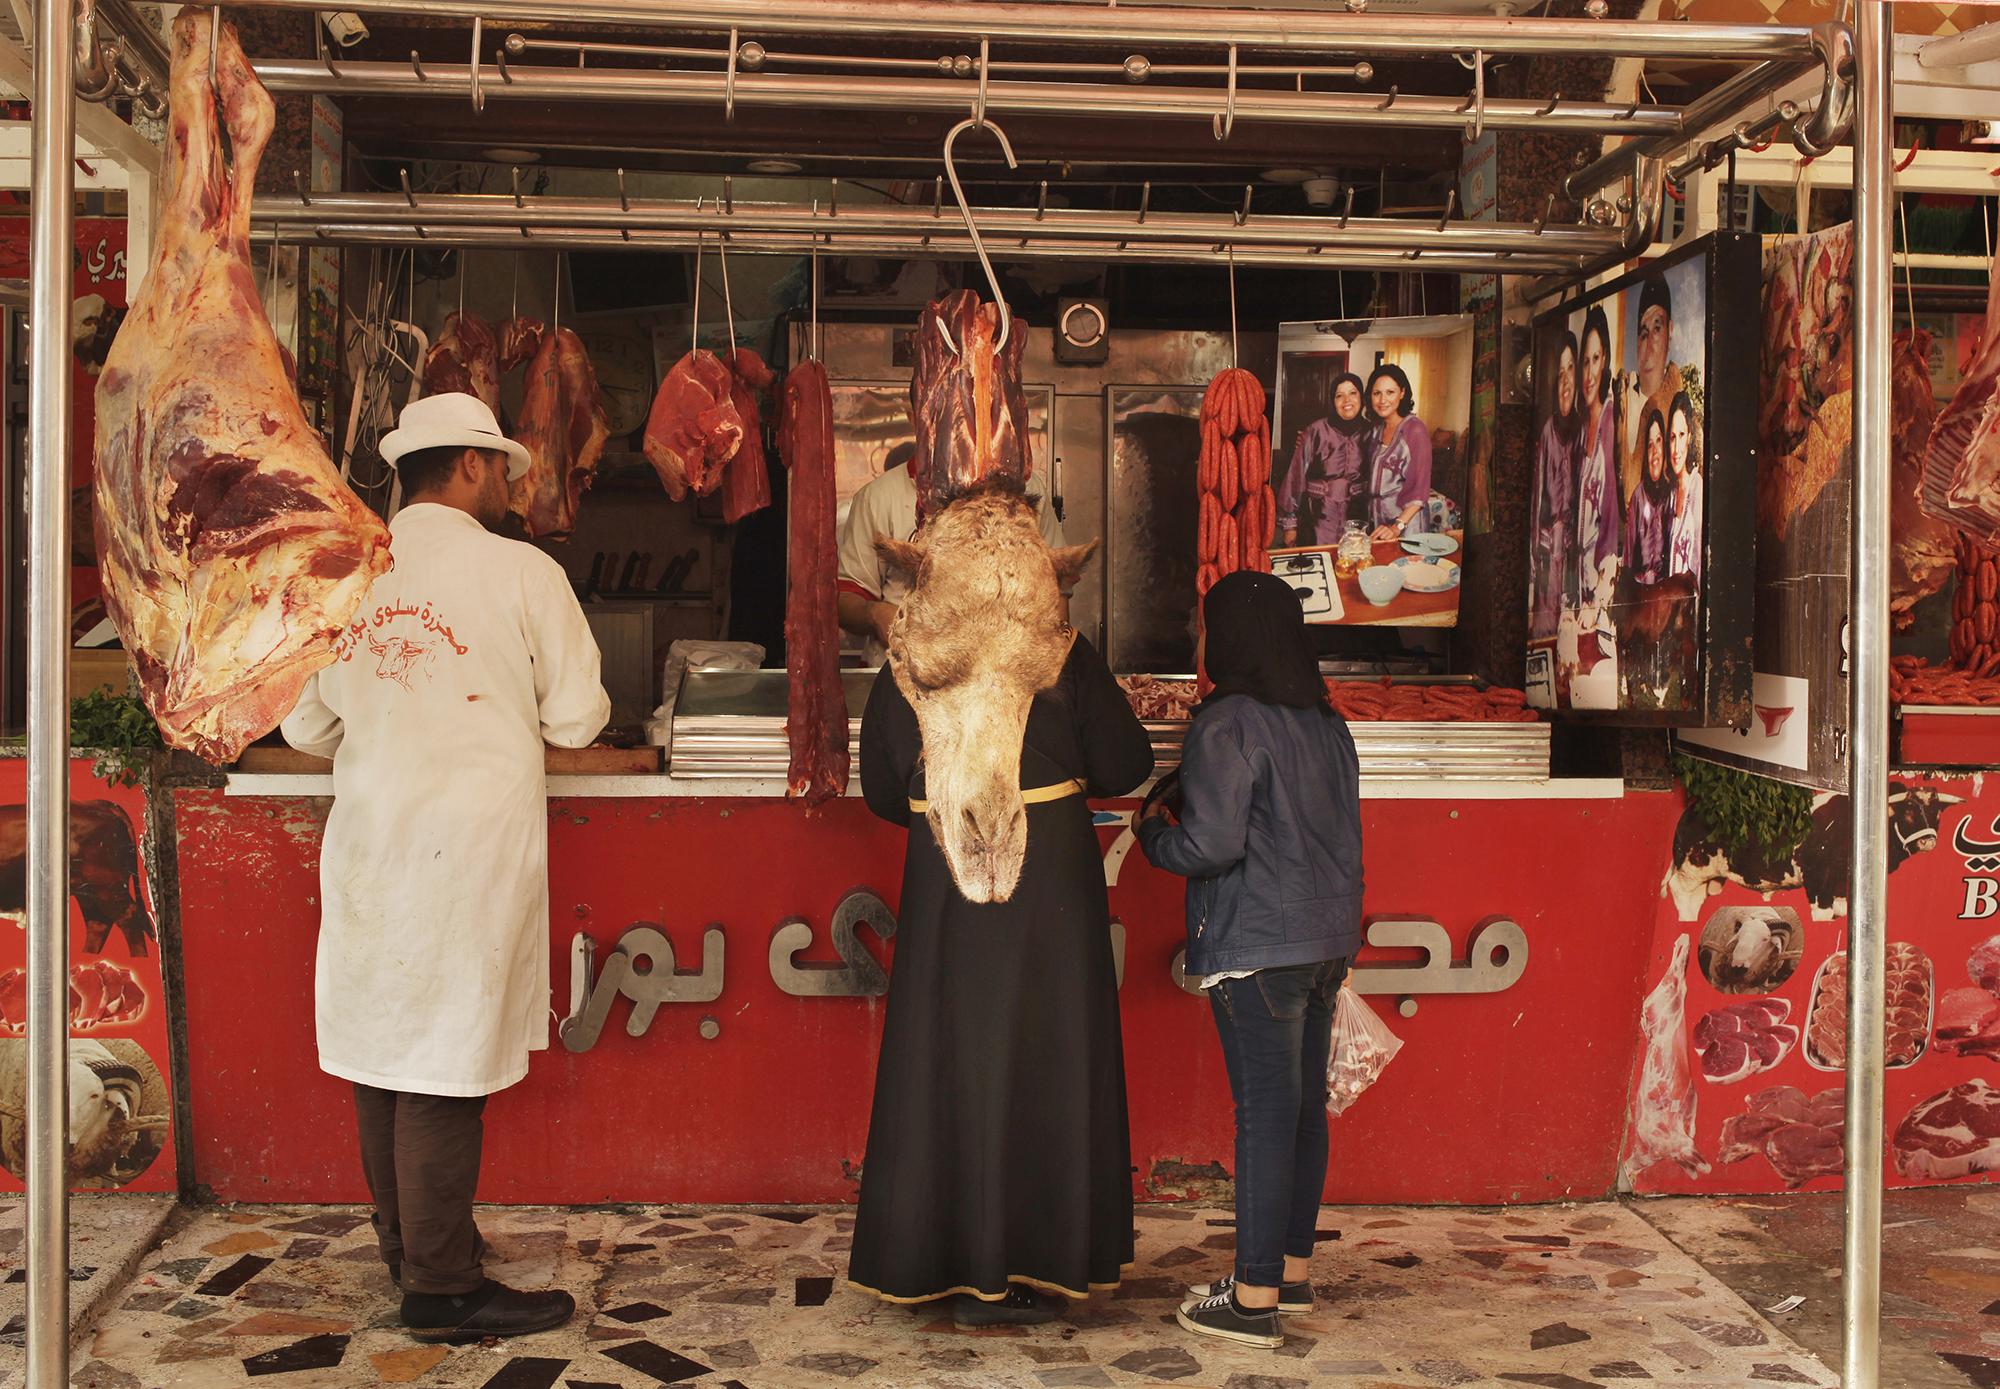 Souk Hay Salama - Casablanca, Morocco